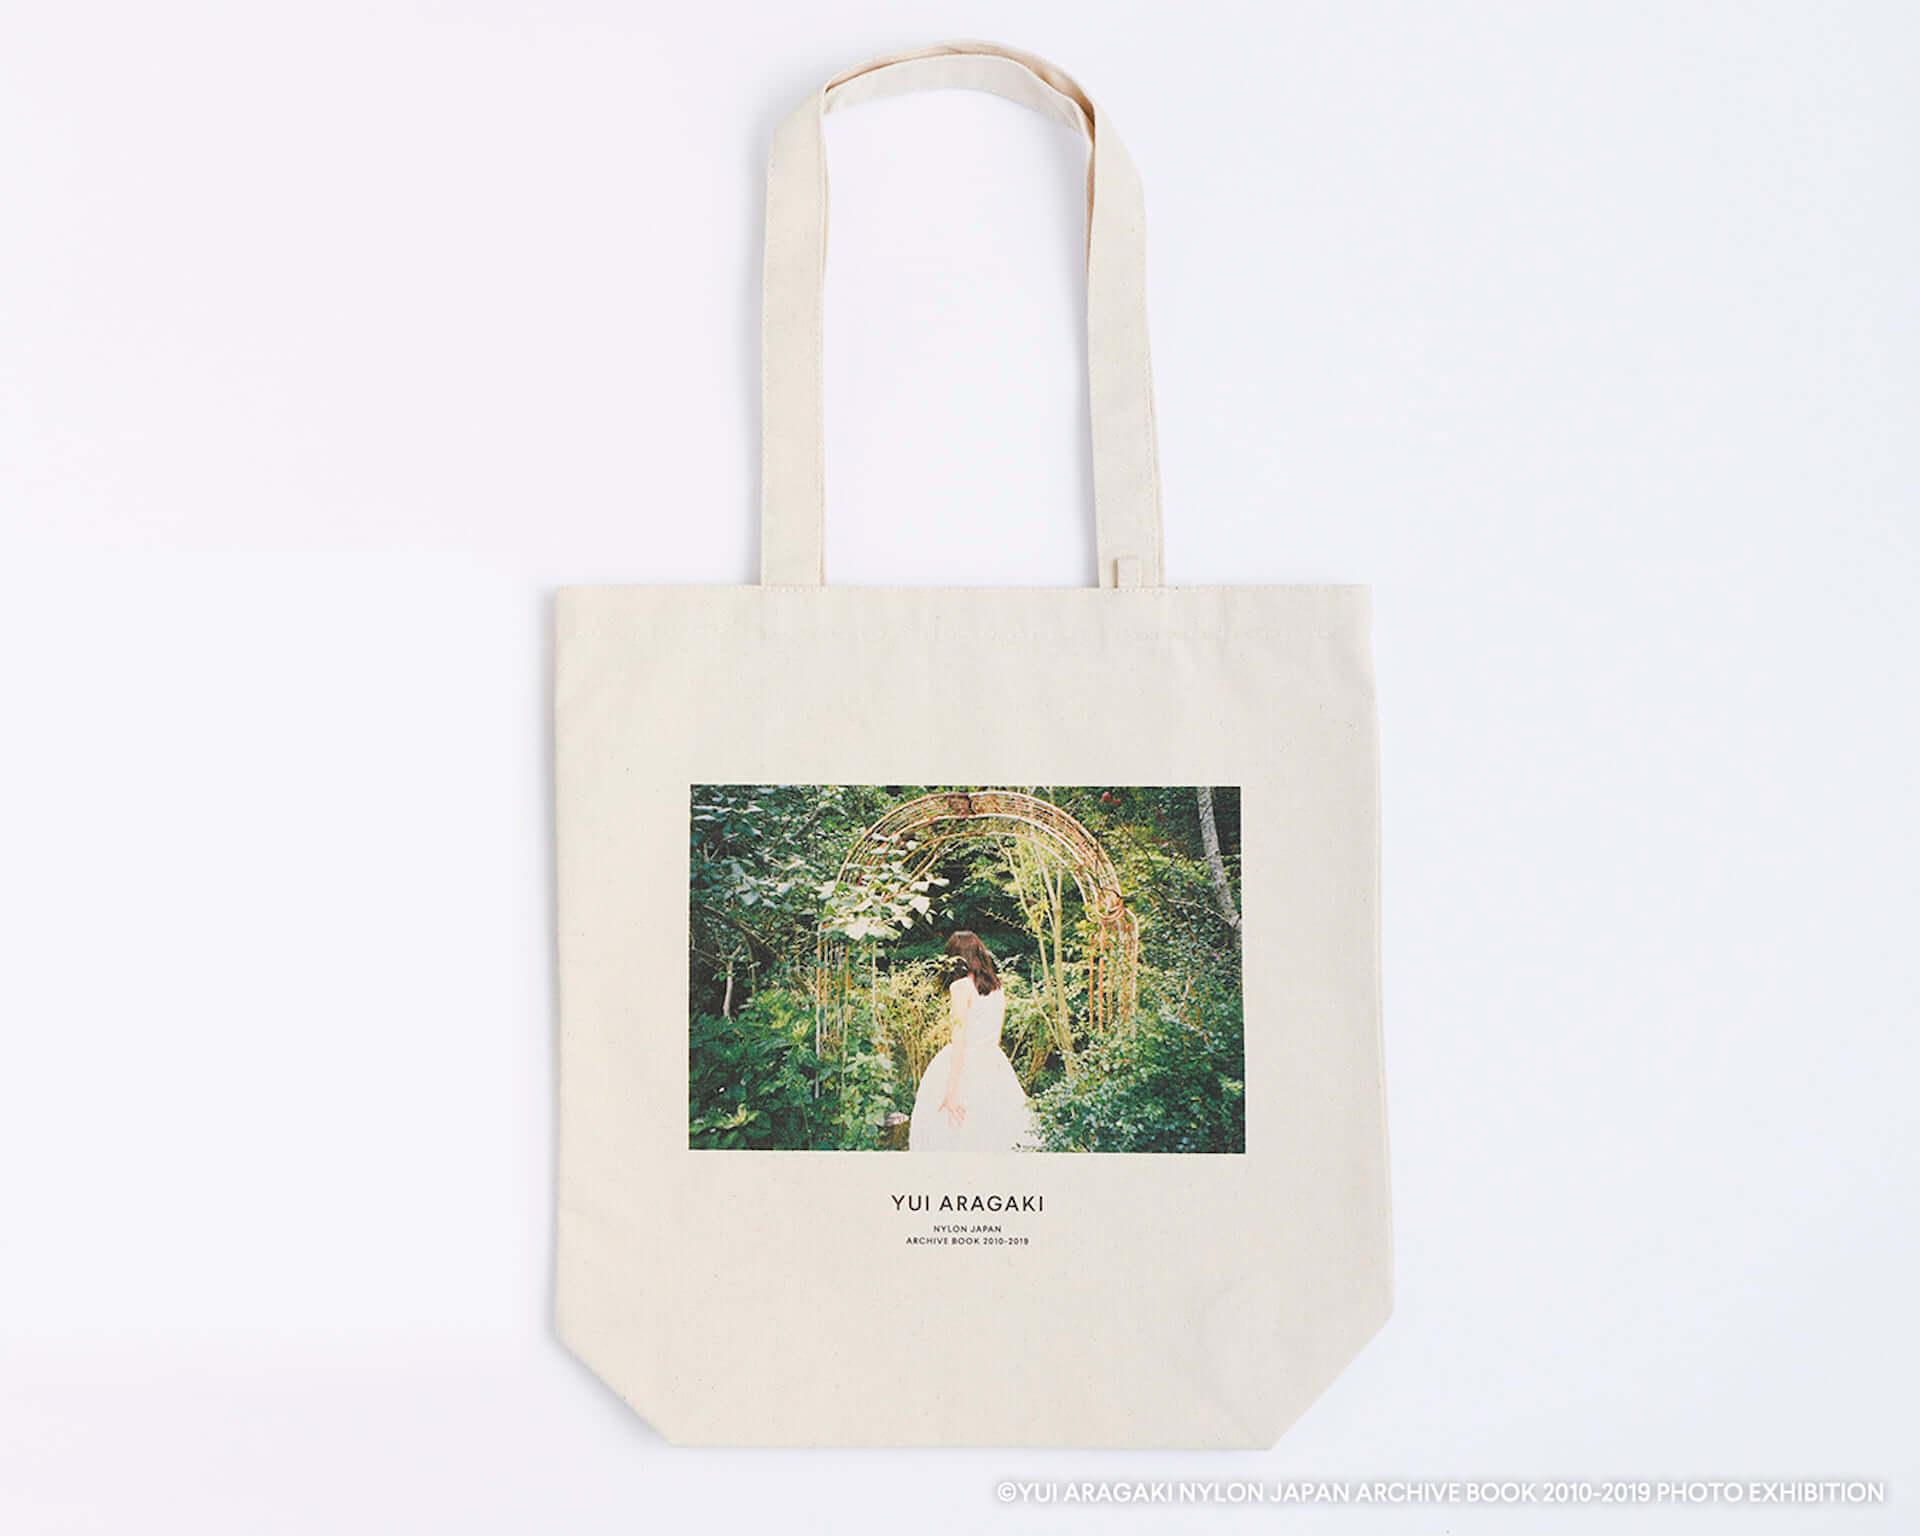 渋谷PARCOで大好評だった新垣結衣初の写真展が梅田ロフトでも開催決定!記念Tシャツ、トートバッグ、ポストカードも登場 art200803_yuiaragaki_10-1920x1536